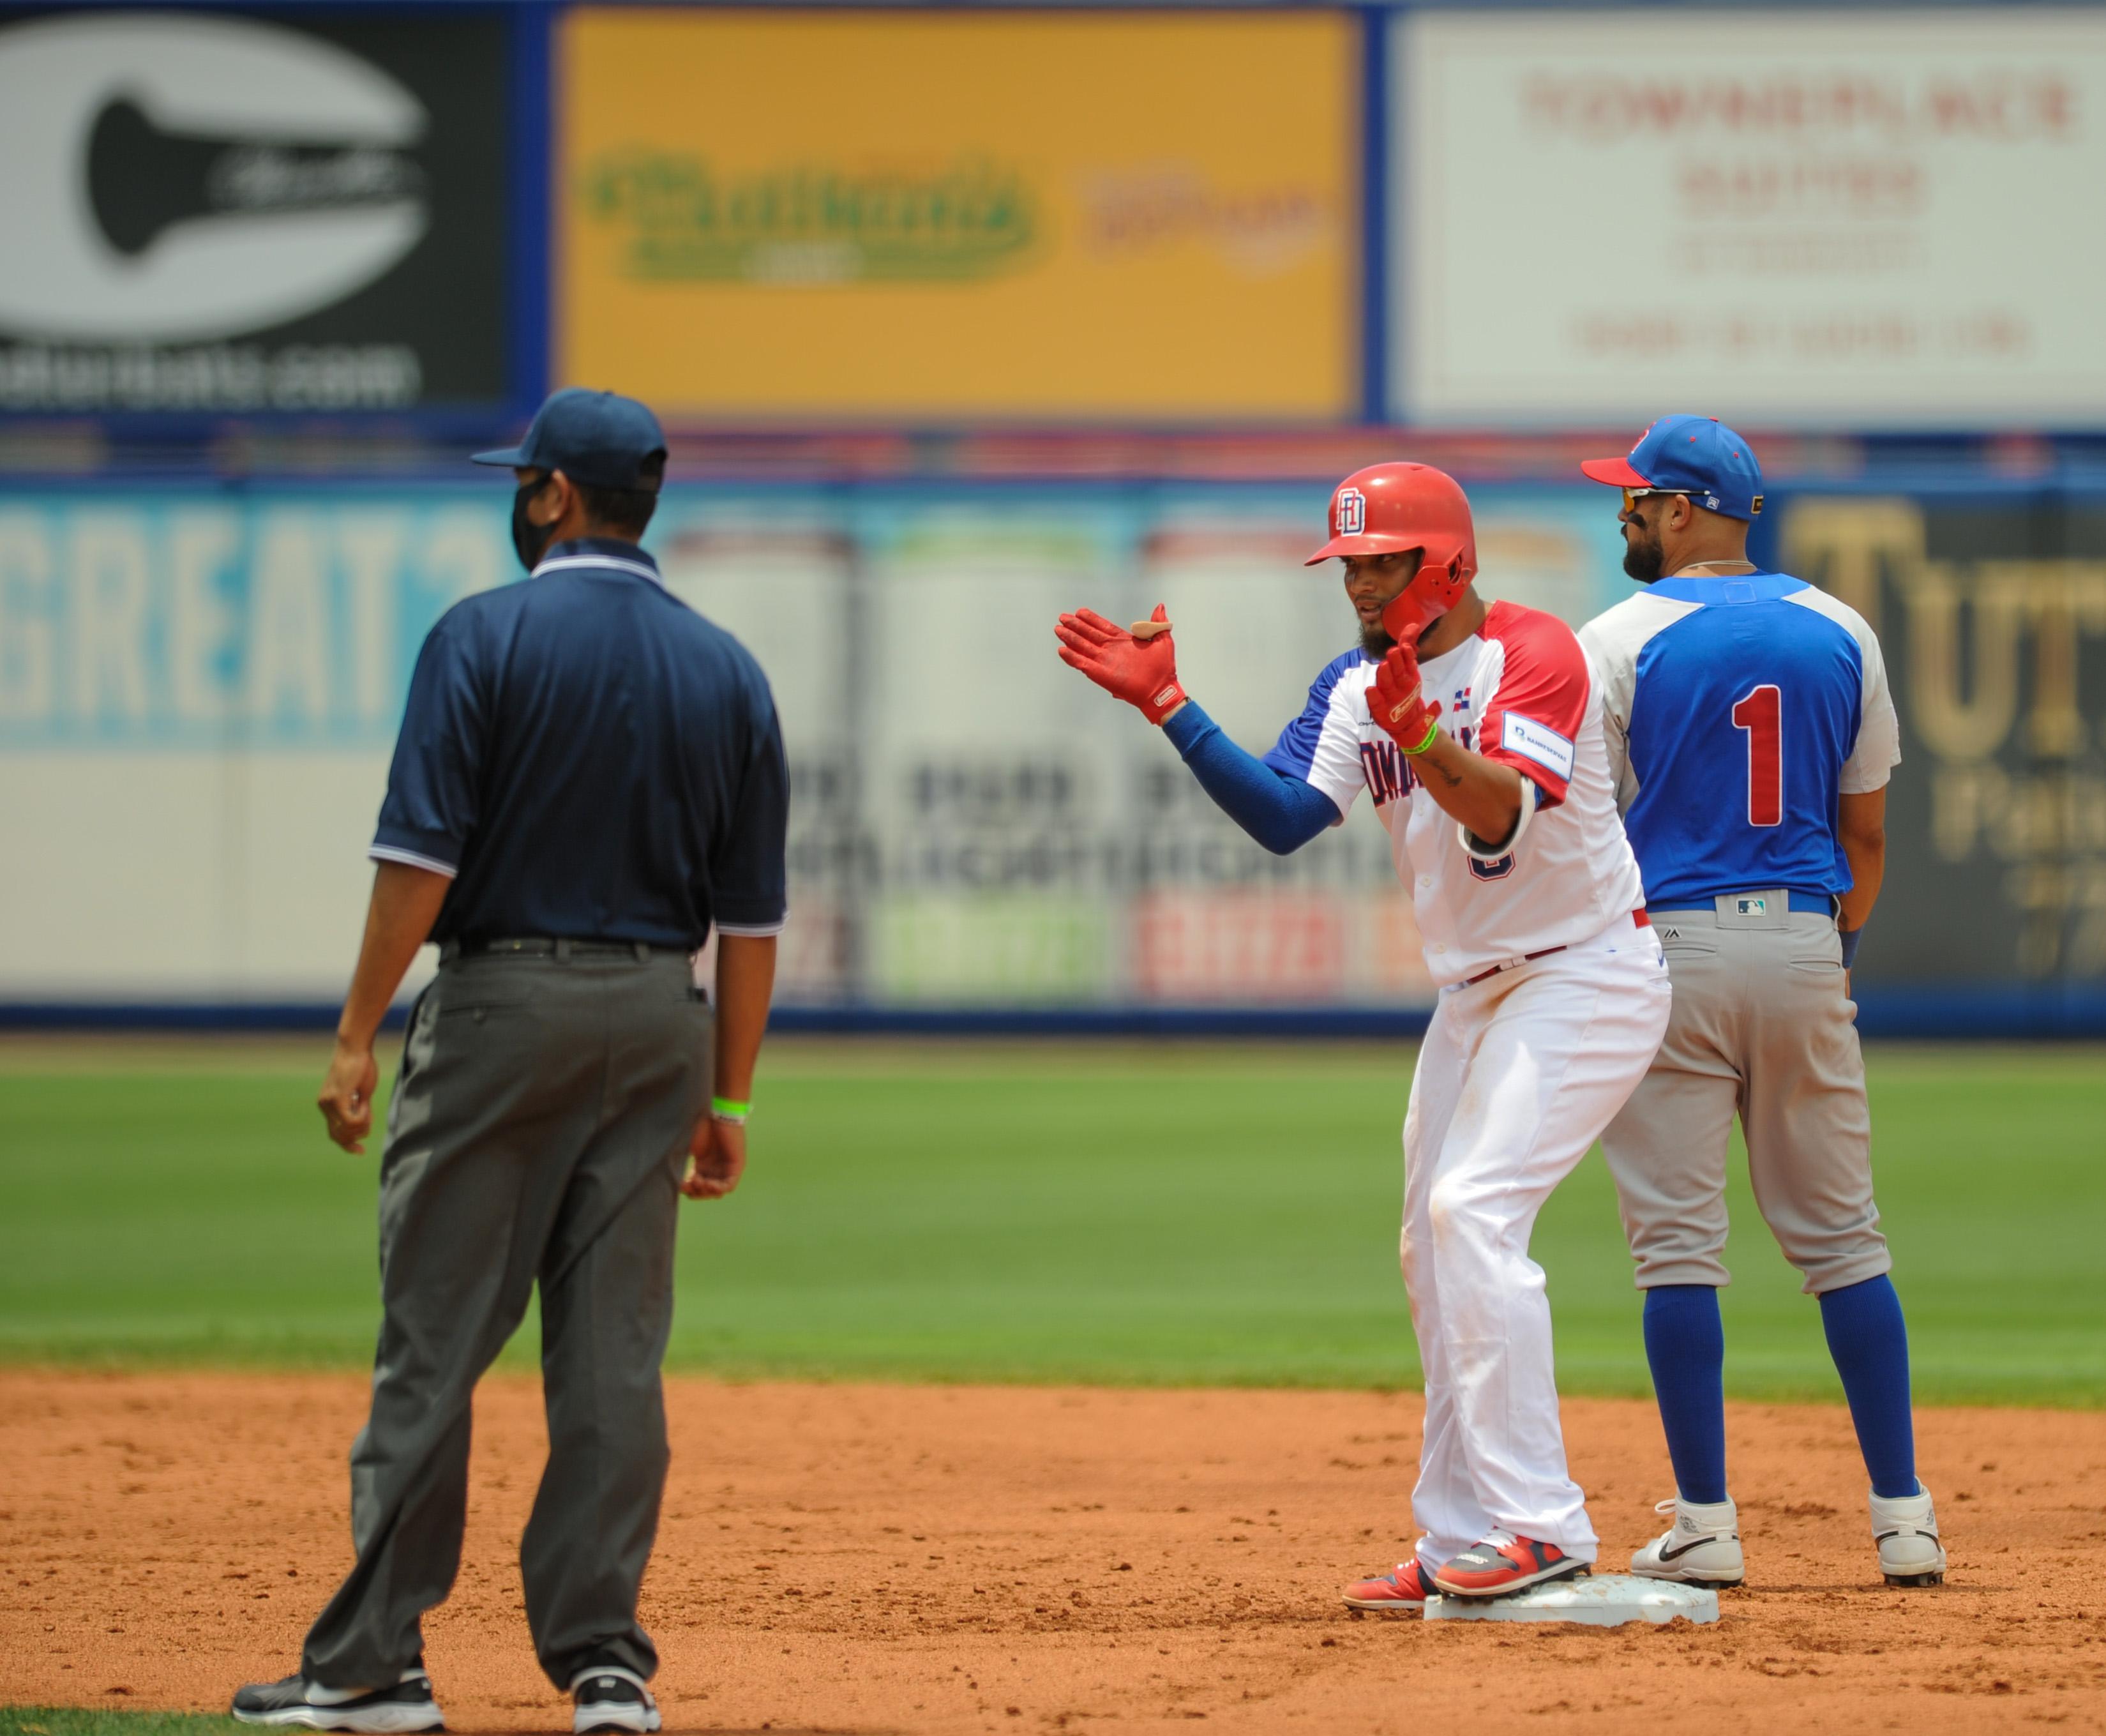 Béisbol RD debuta con victoria ante Puerto Rico apertura del Preolímpico